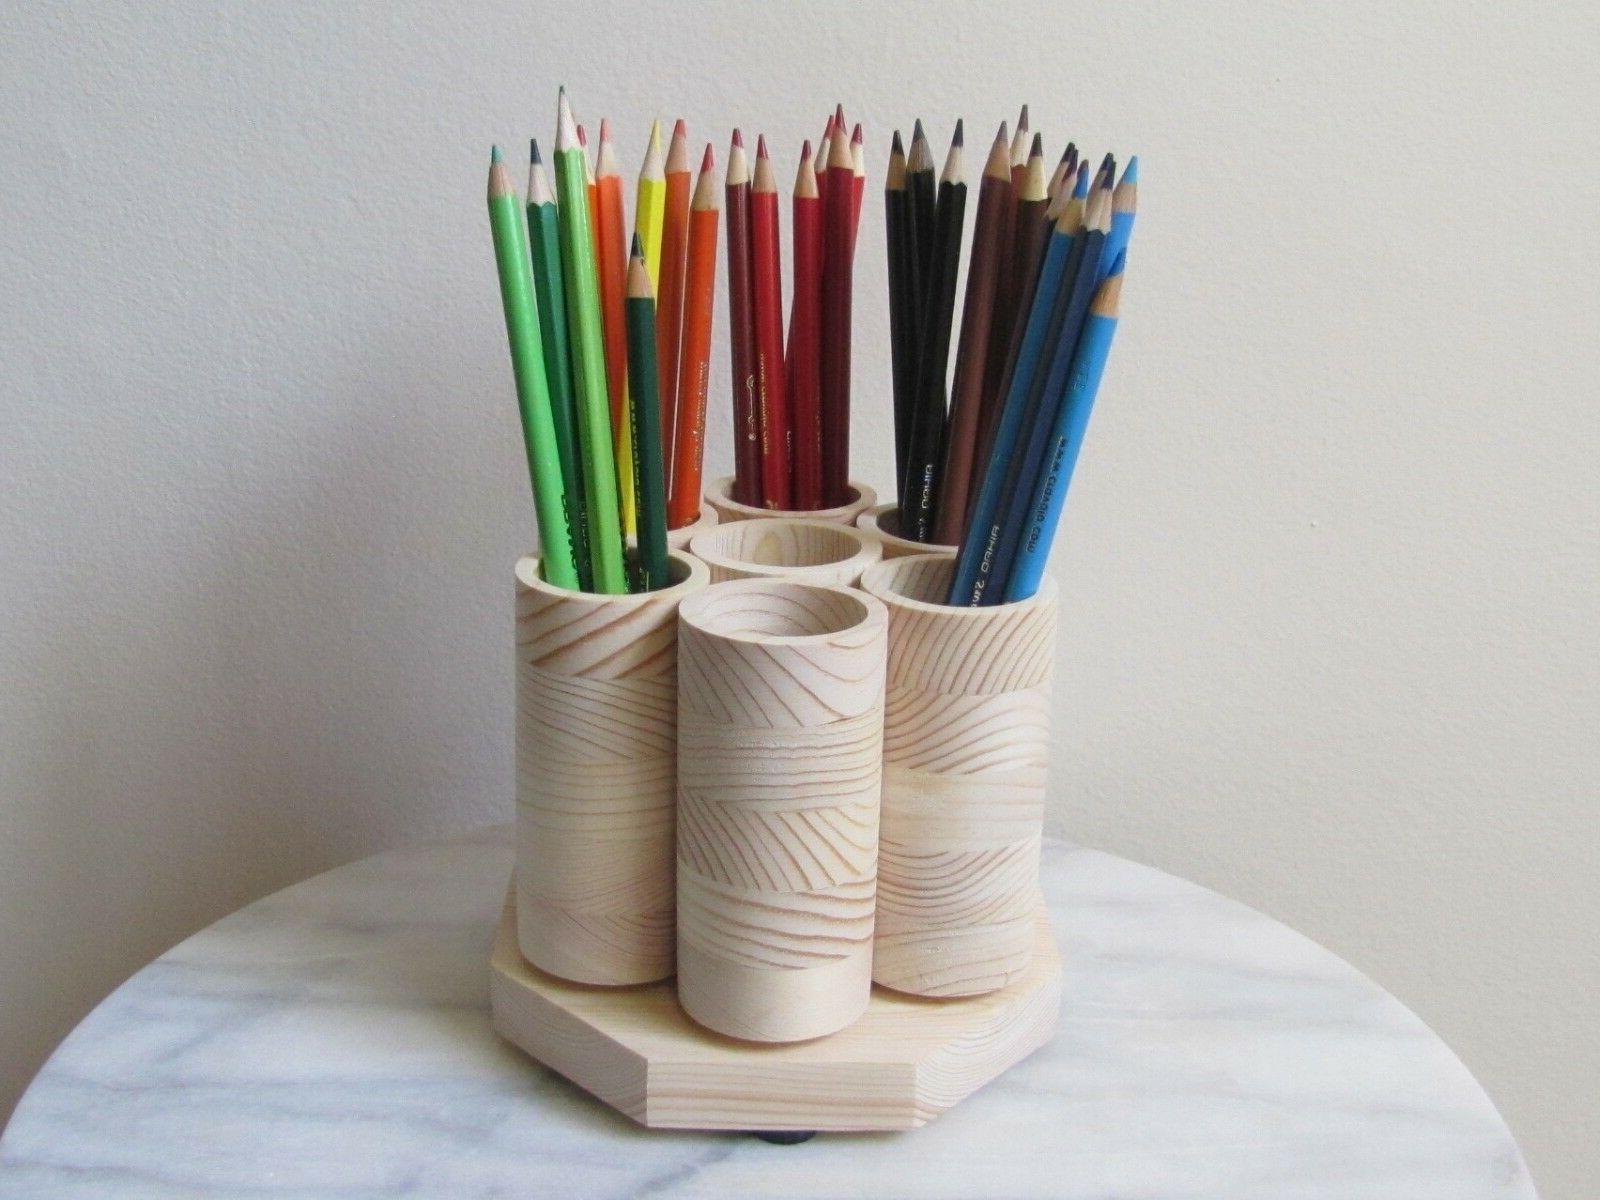 Rotating Desk Organizer, Holds 100 Pencils, Handmade USA